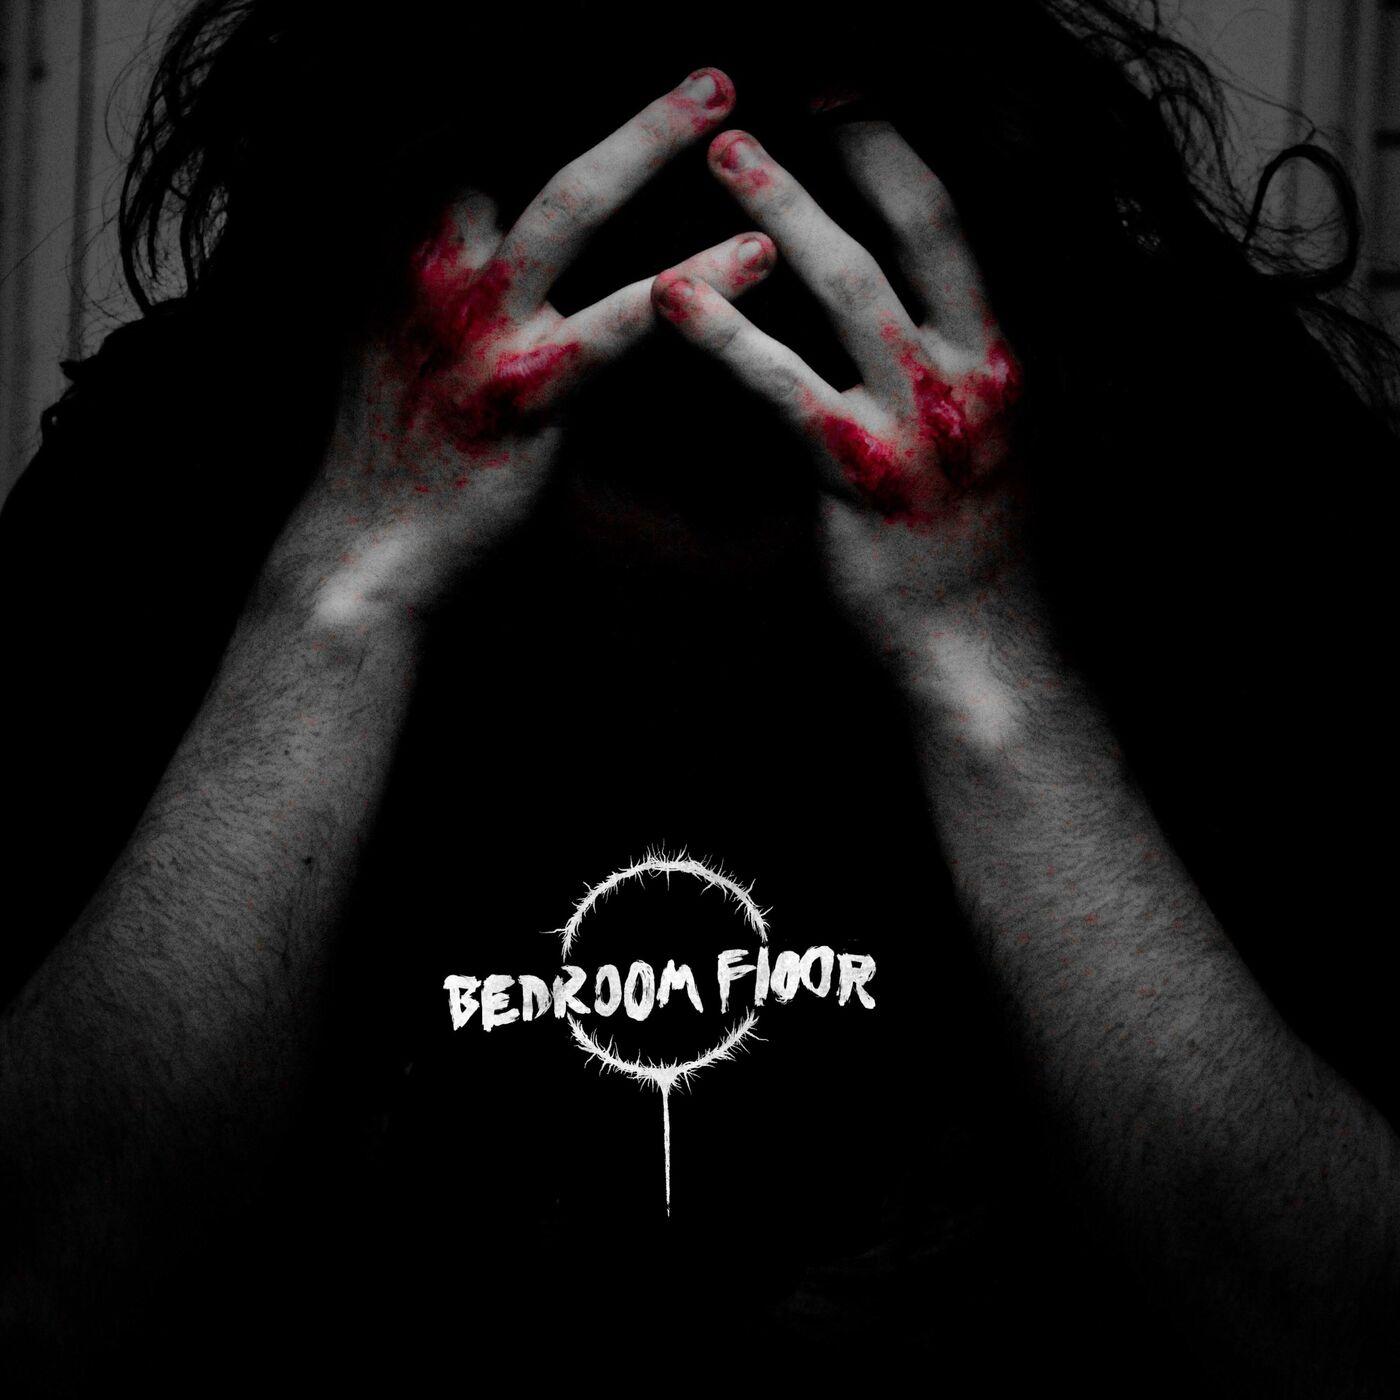 Bedroom Floor - Bedroom Floor (2020)